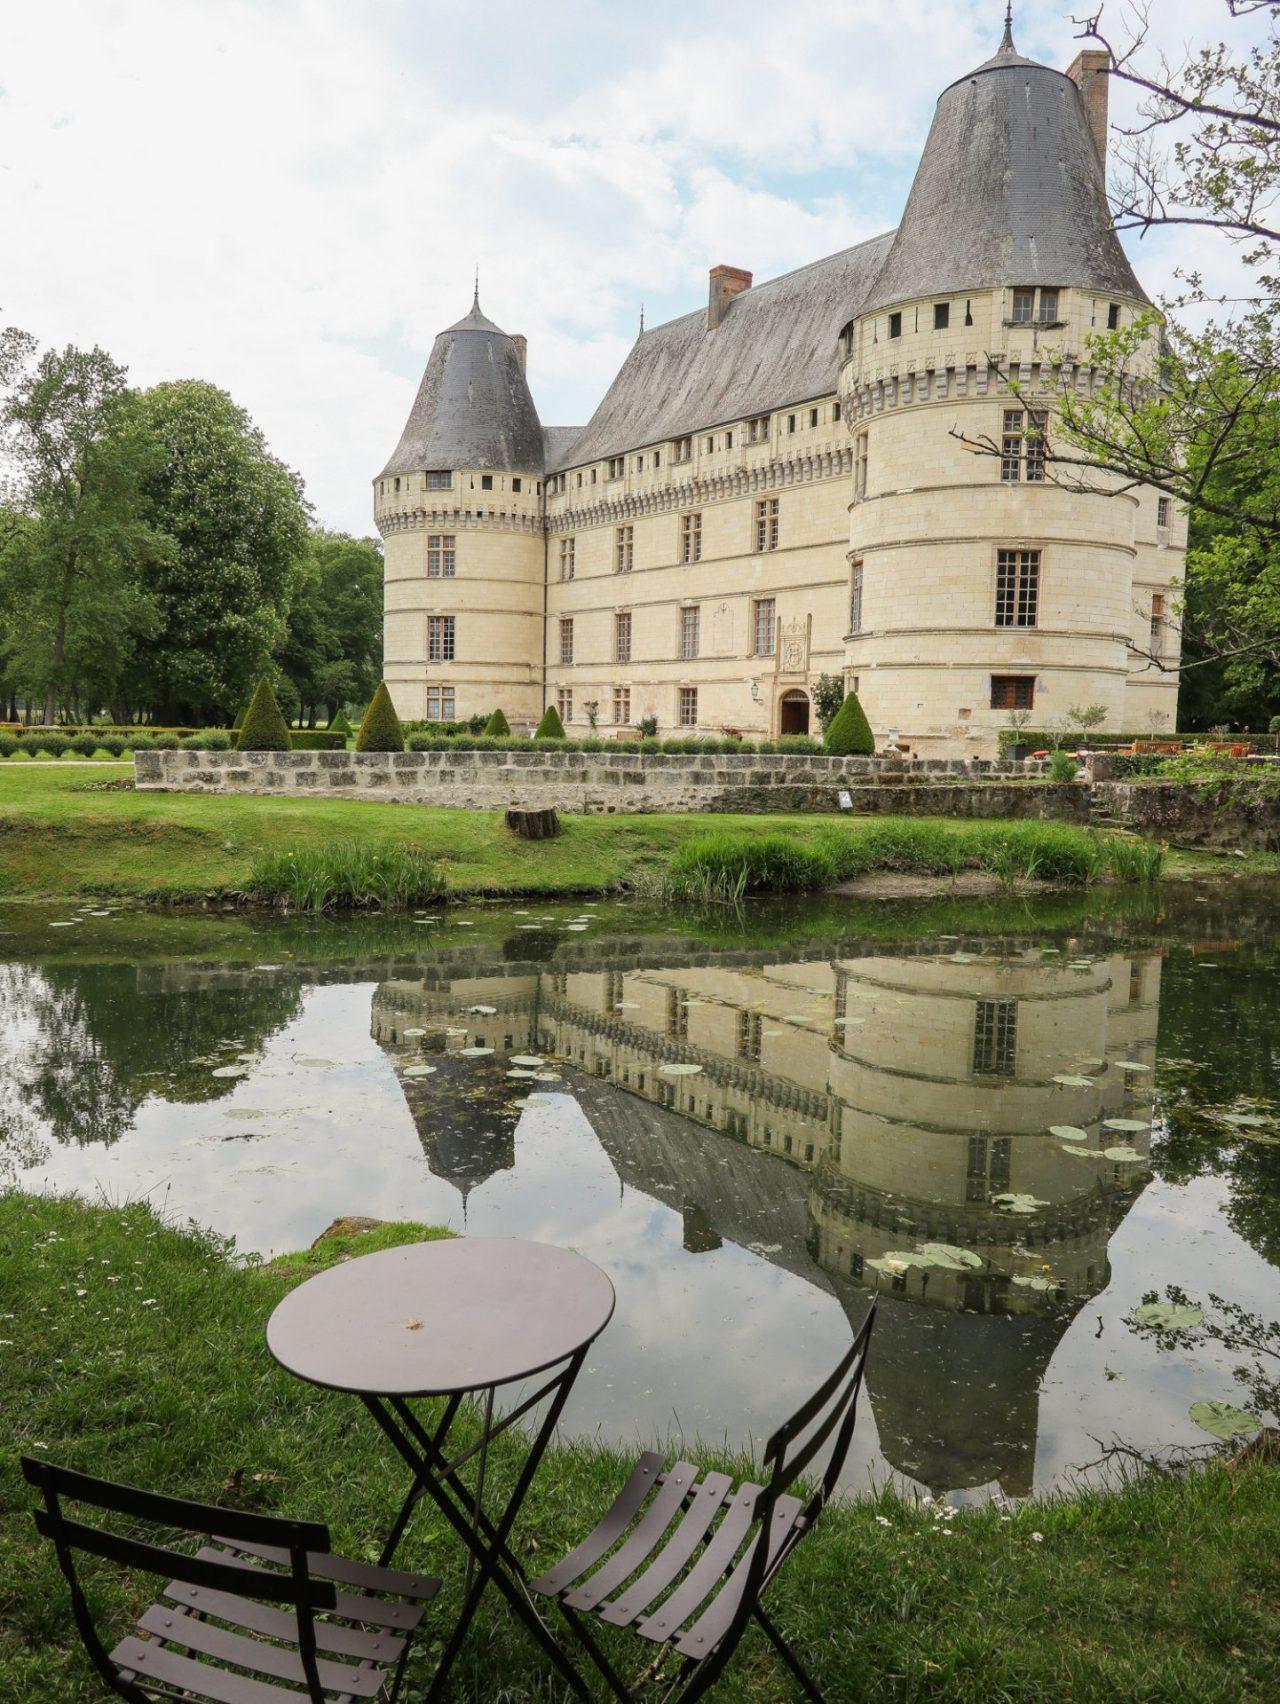 val-de-loire-azay-le-rideau-chateau-de-l-islette-riviere-indre-table